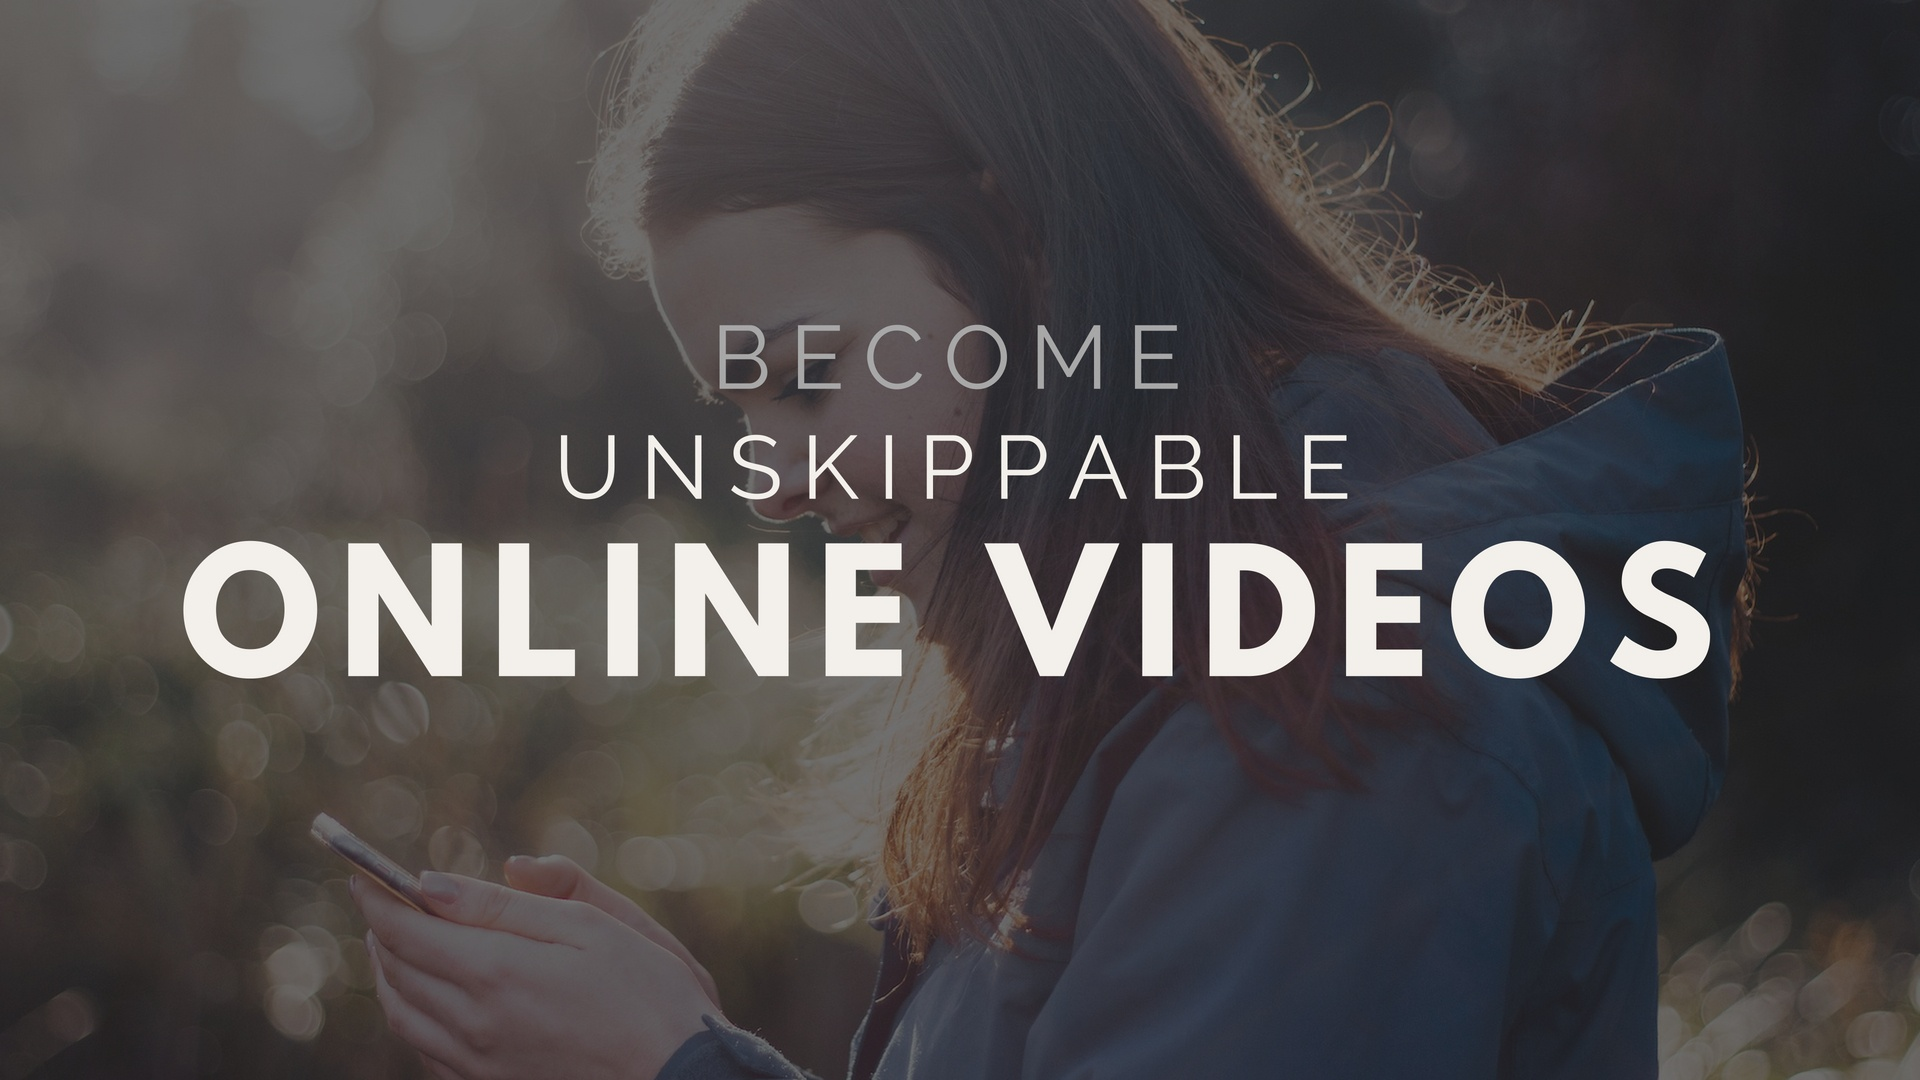 6_tipps_die_dein_online_Video_unüberspringbar_machen.jpg